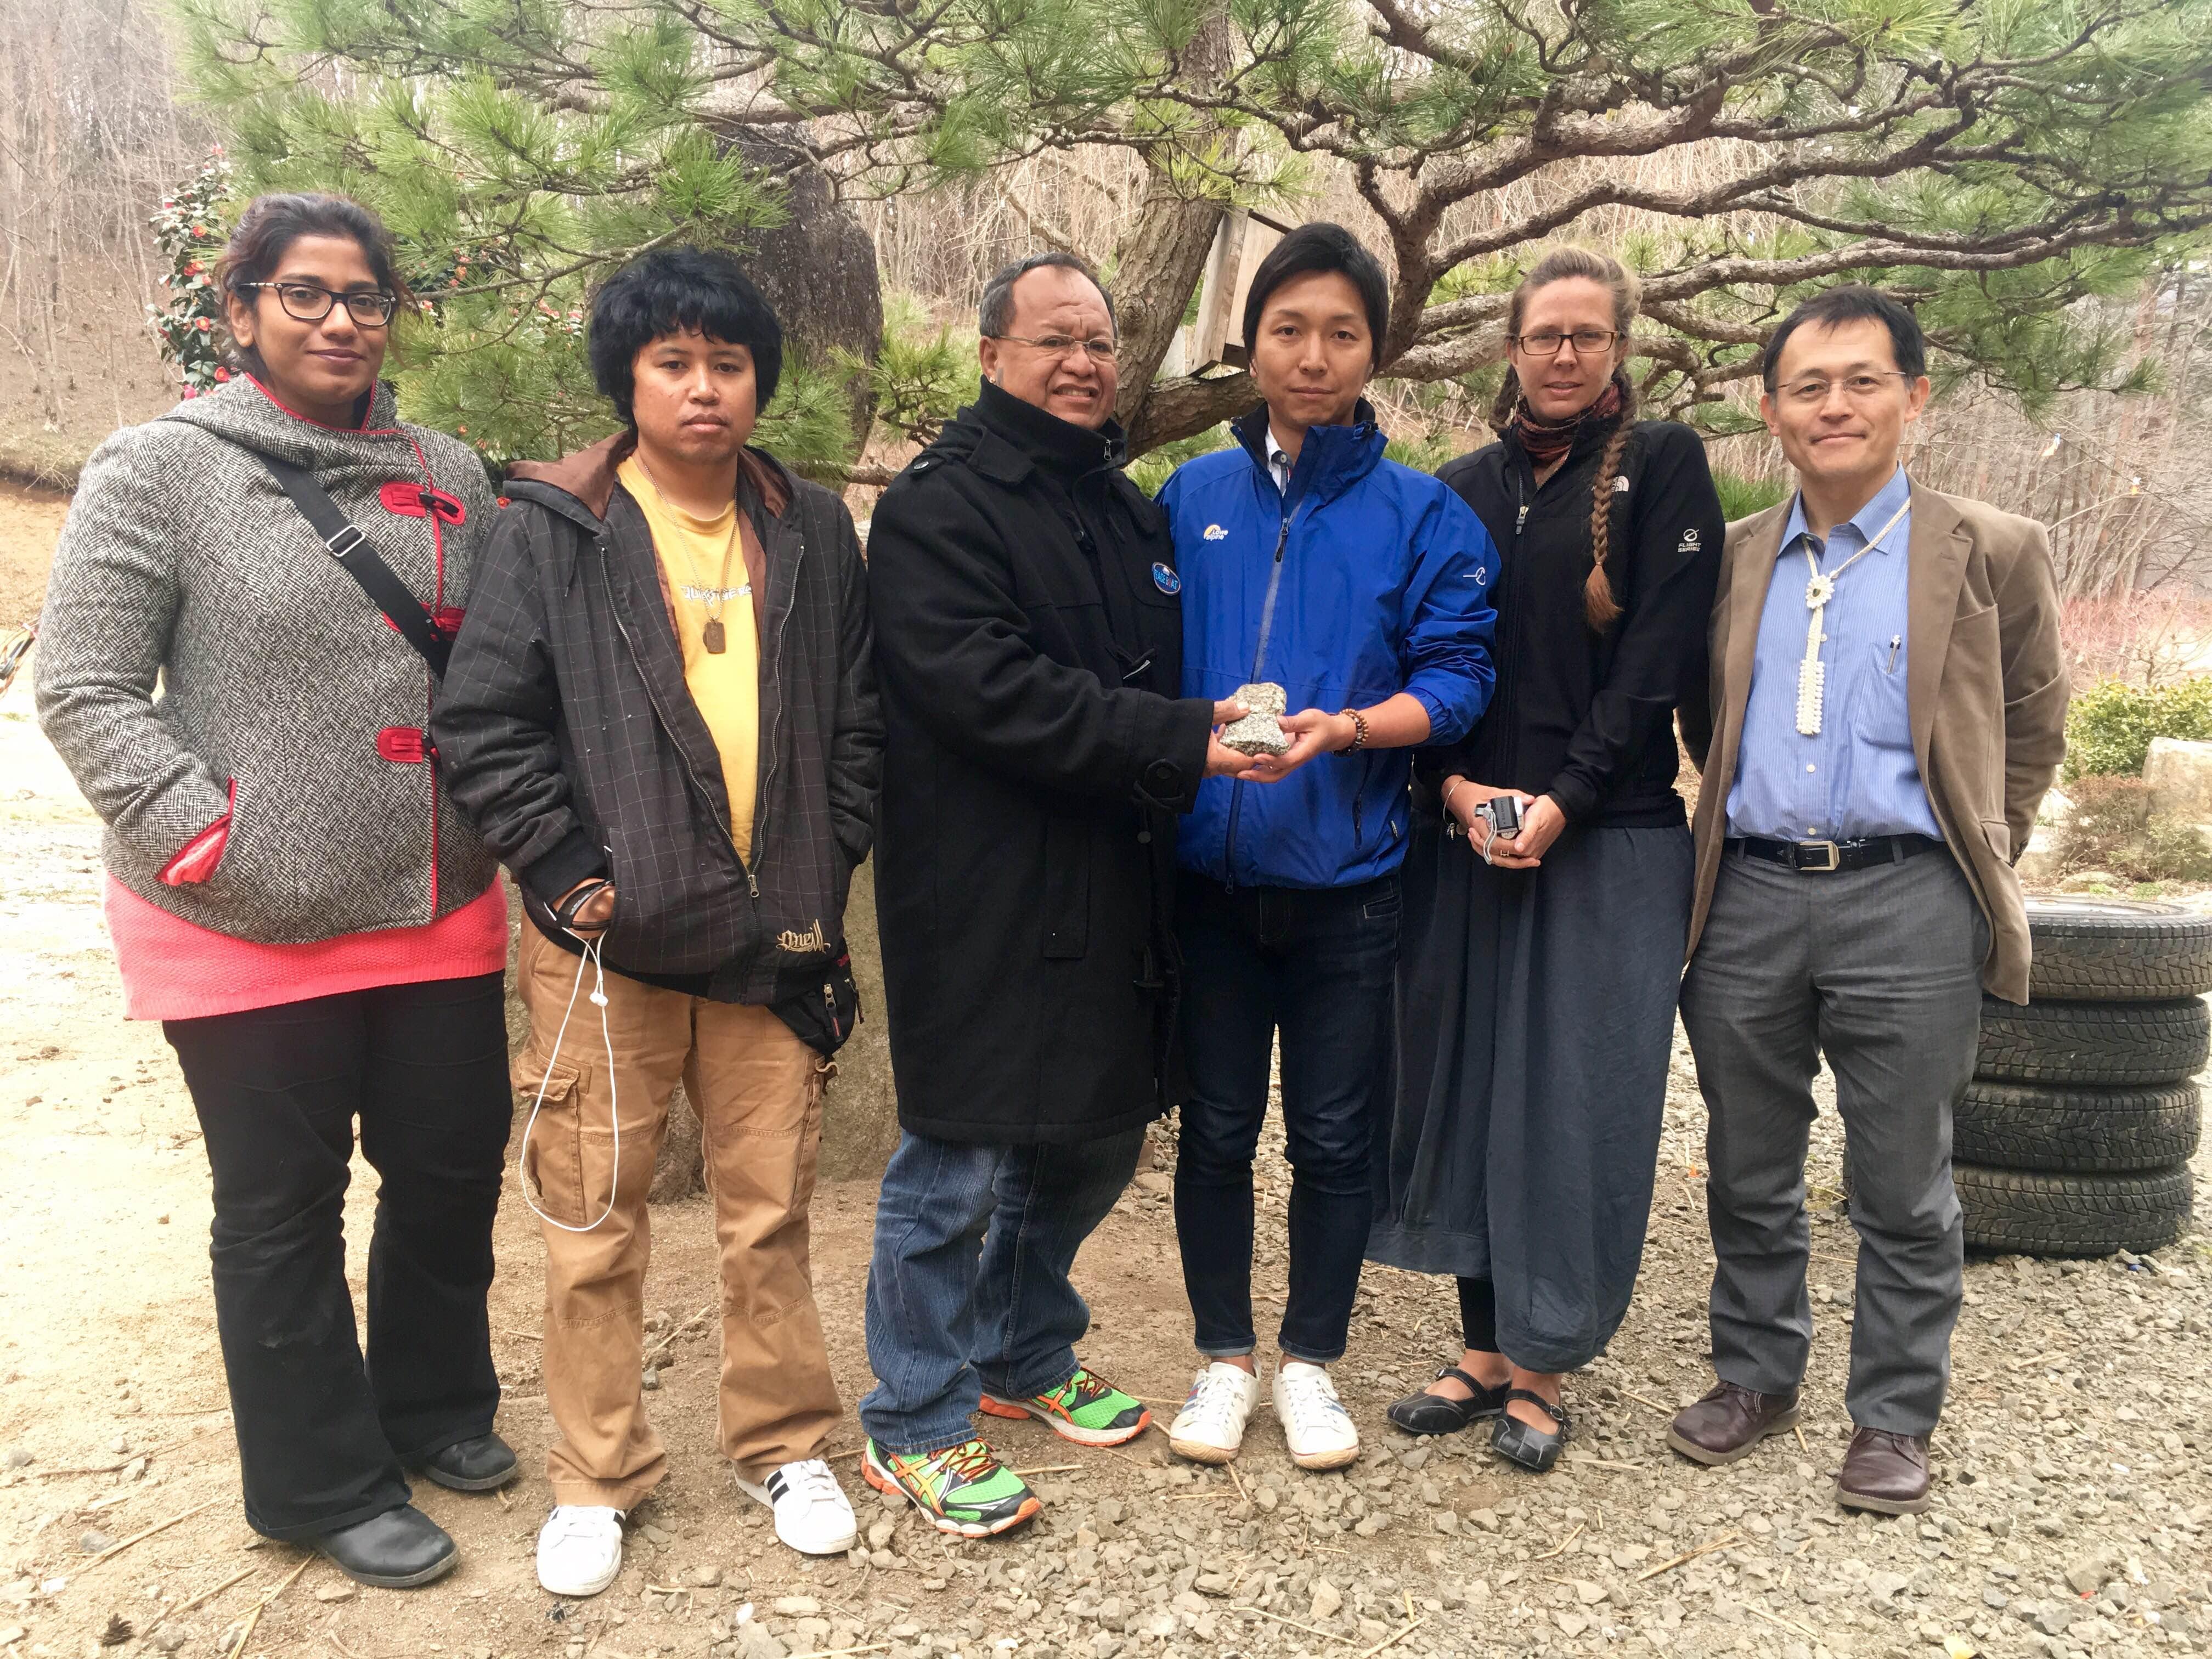 佐藤健太さん(右から3人目)とタヒチ、マーシャル諸島の人々、ピースボート・スタッフ=飯舘村で